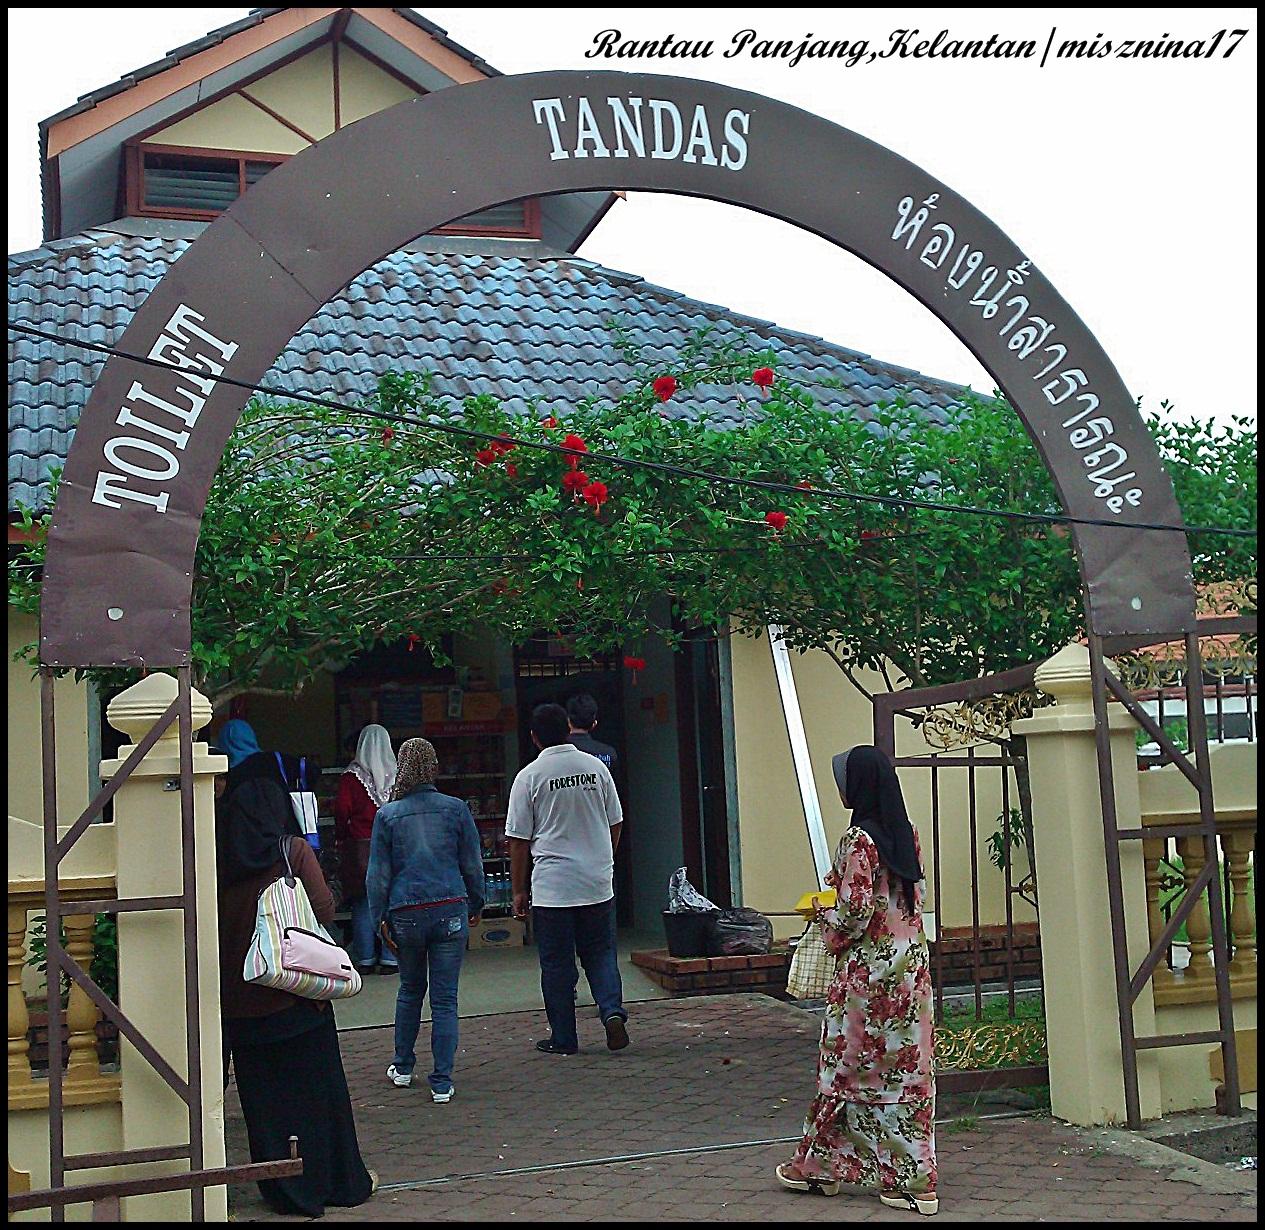 Rantau Panjang Malaysia  city photos gallery : ... Time Traveler's Girl ! !: Rantau Panjang, Kelantan, Malaysia Part 2